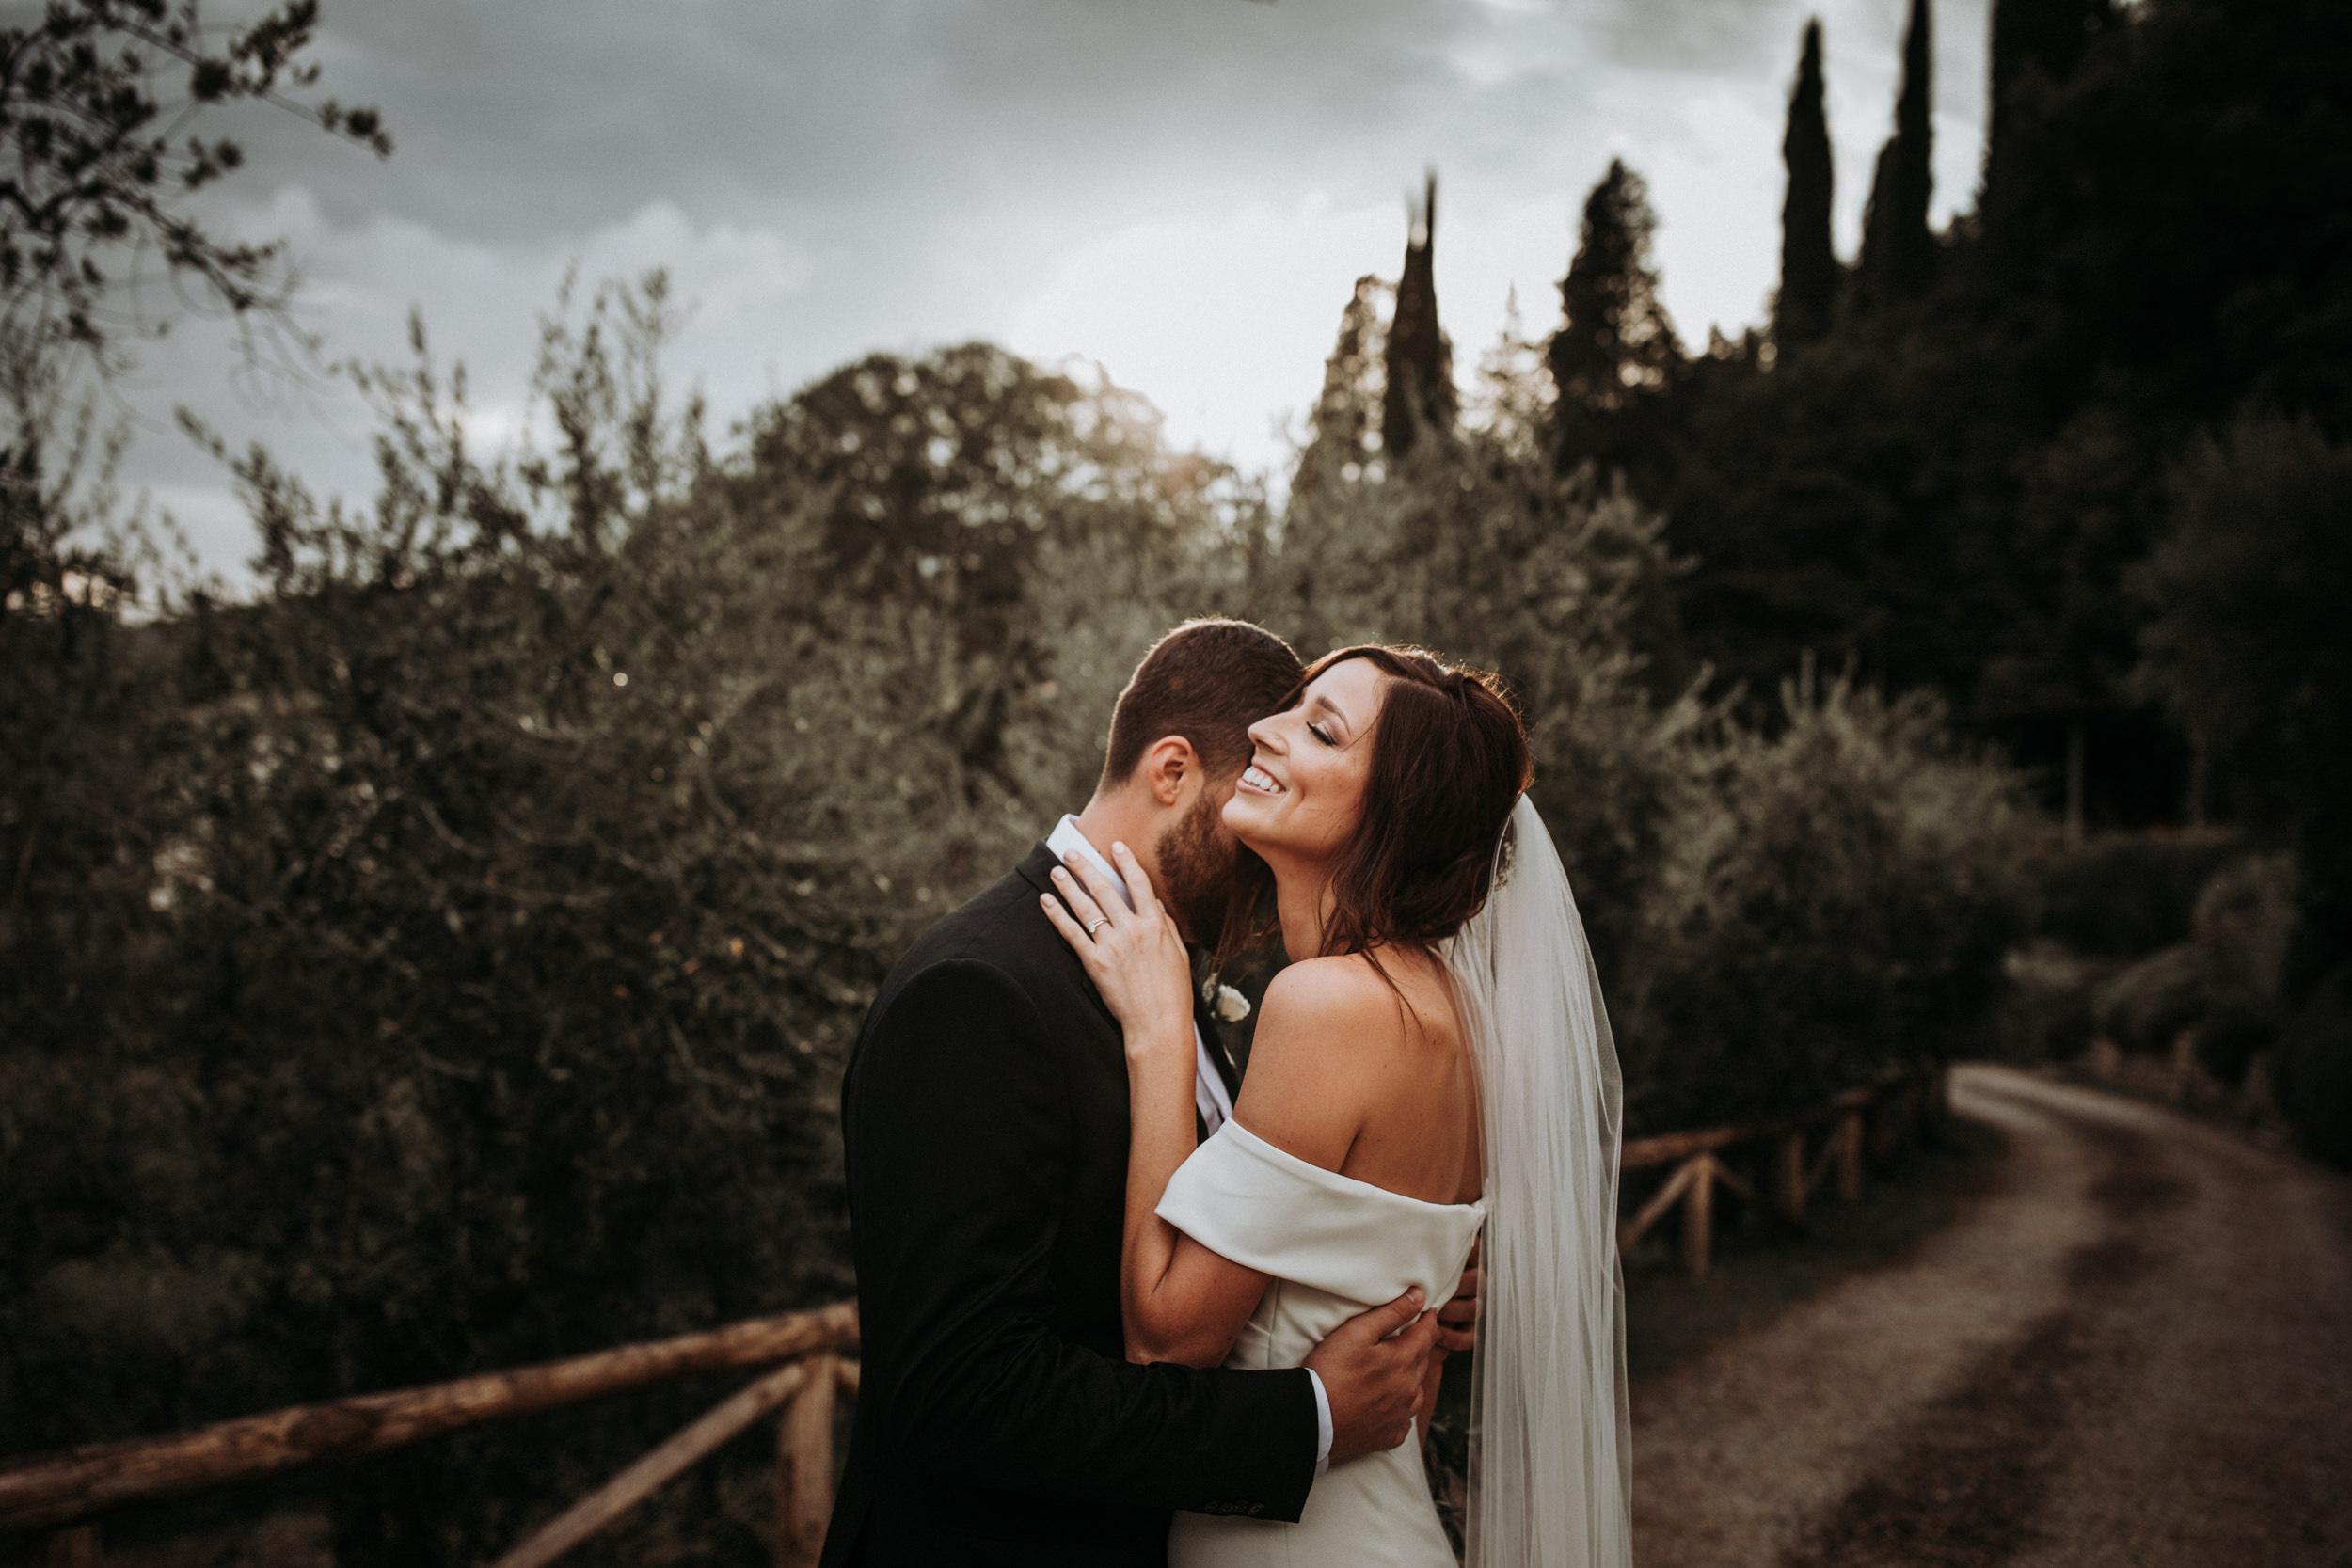 dm_photography_KW_Tuscanyweddingday_308